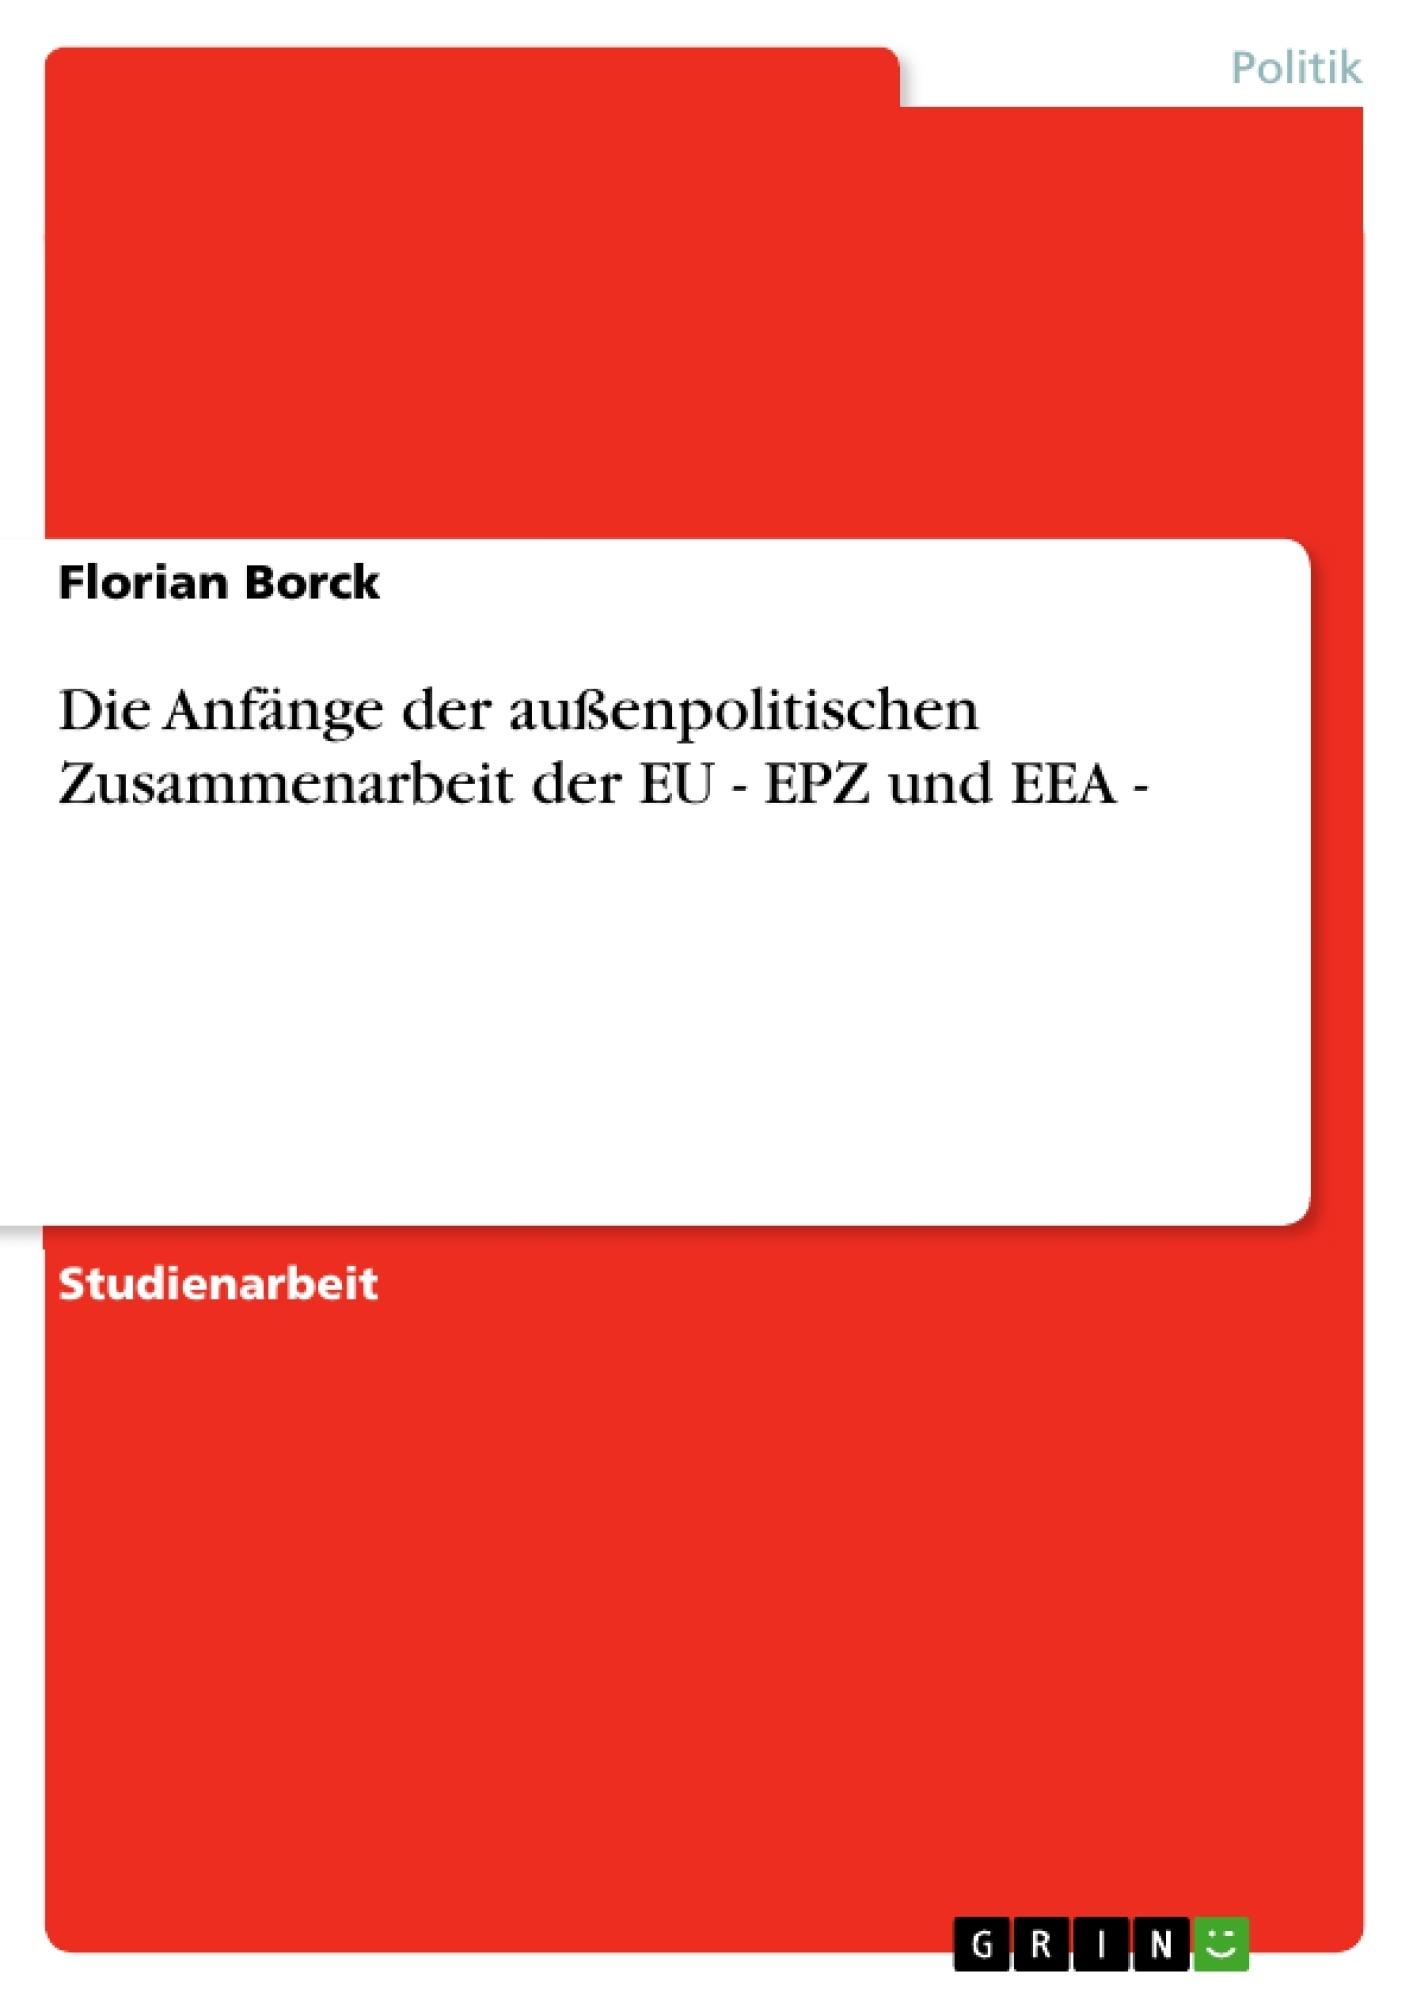 Titel: Die Anfänge der außenpolitischen Zusammenarbeit der EU - EPZ und EEA -